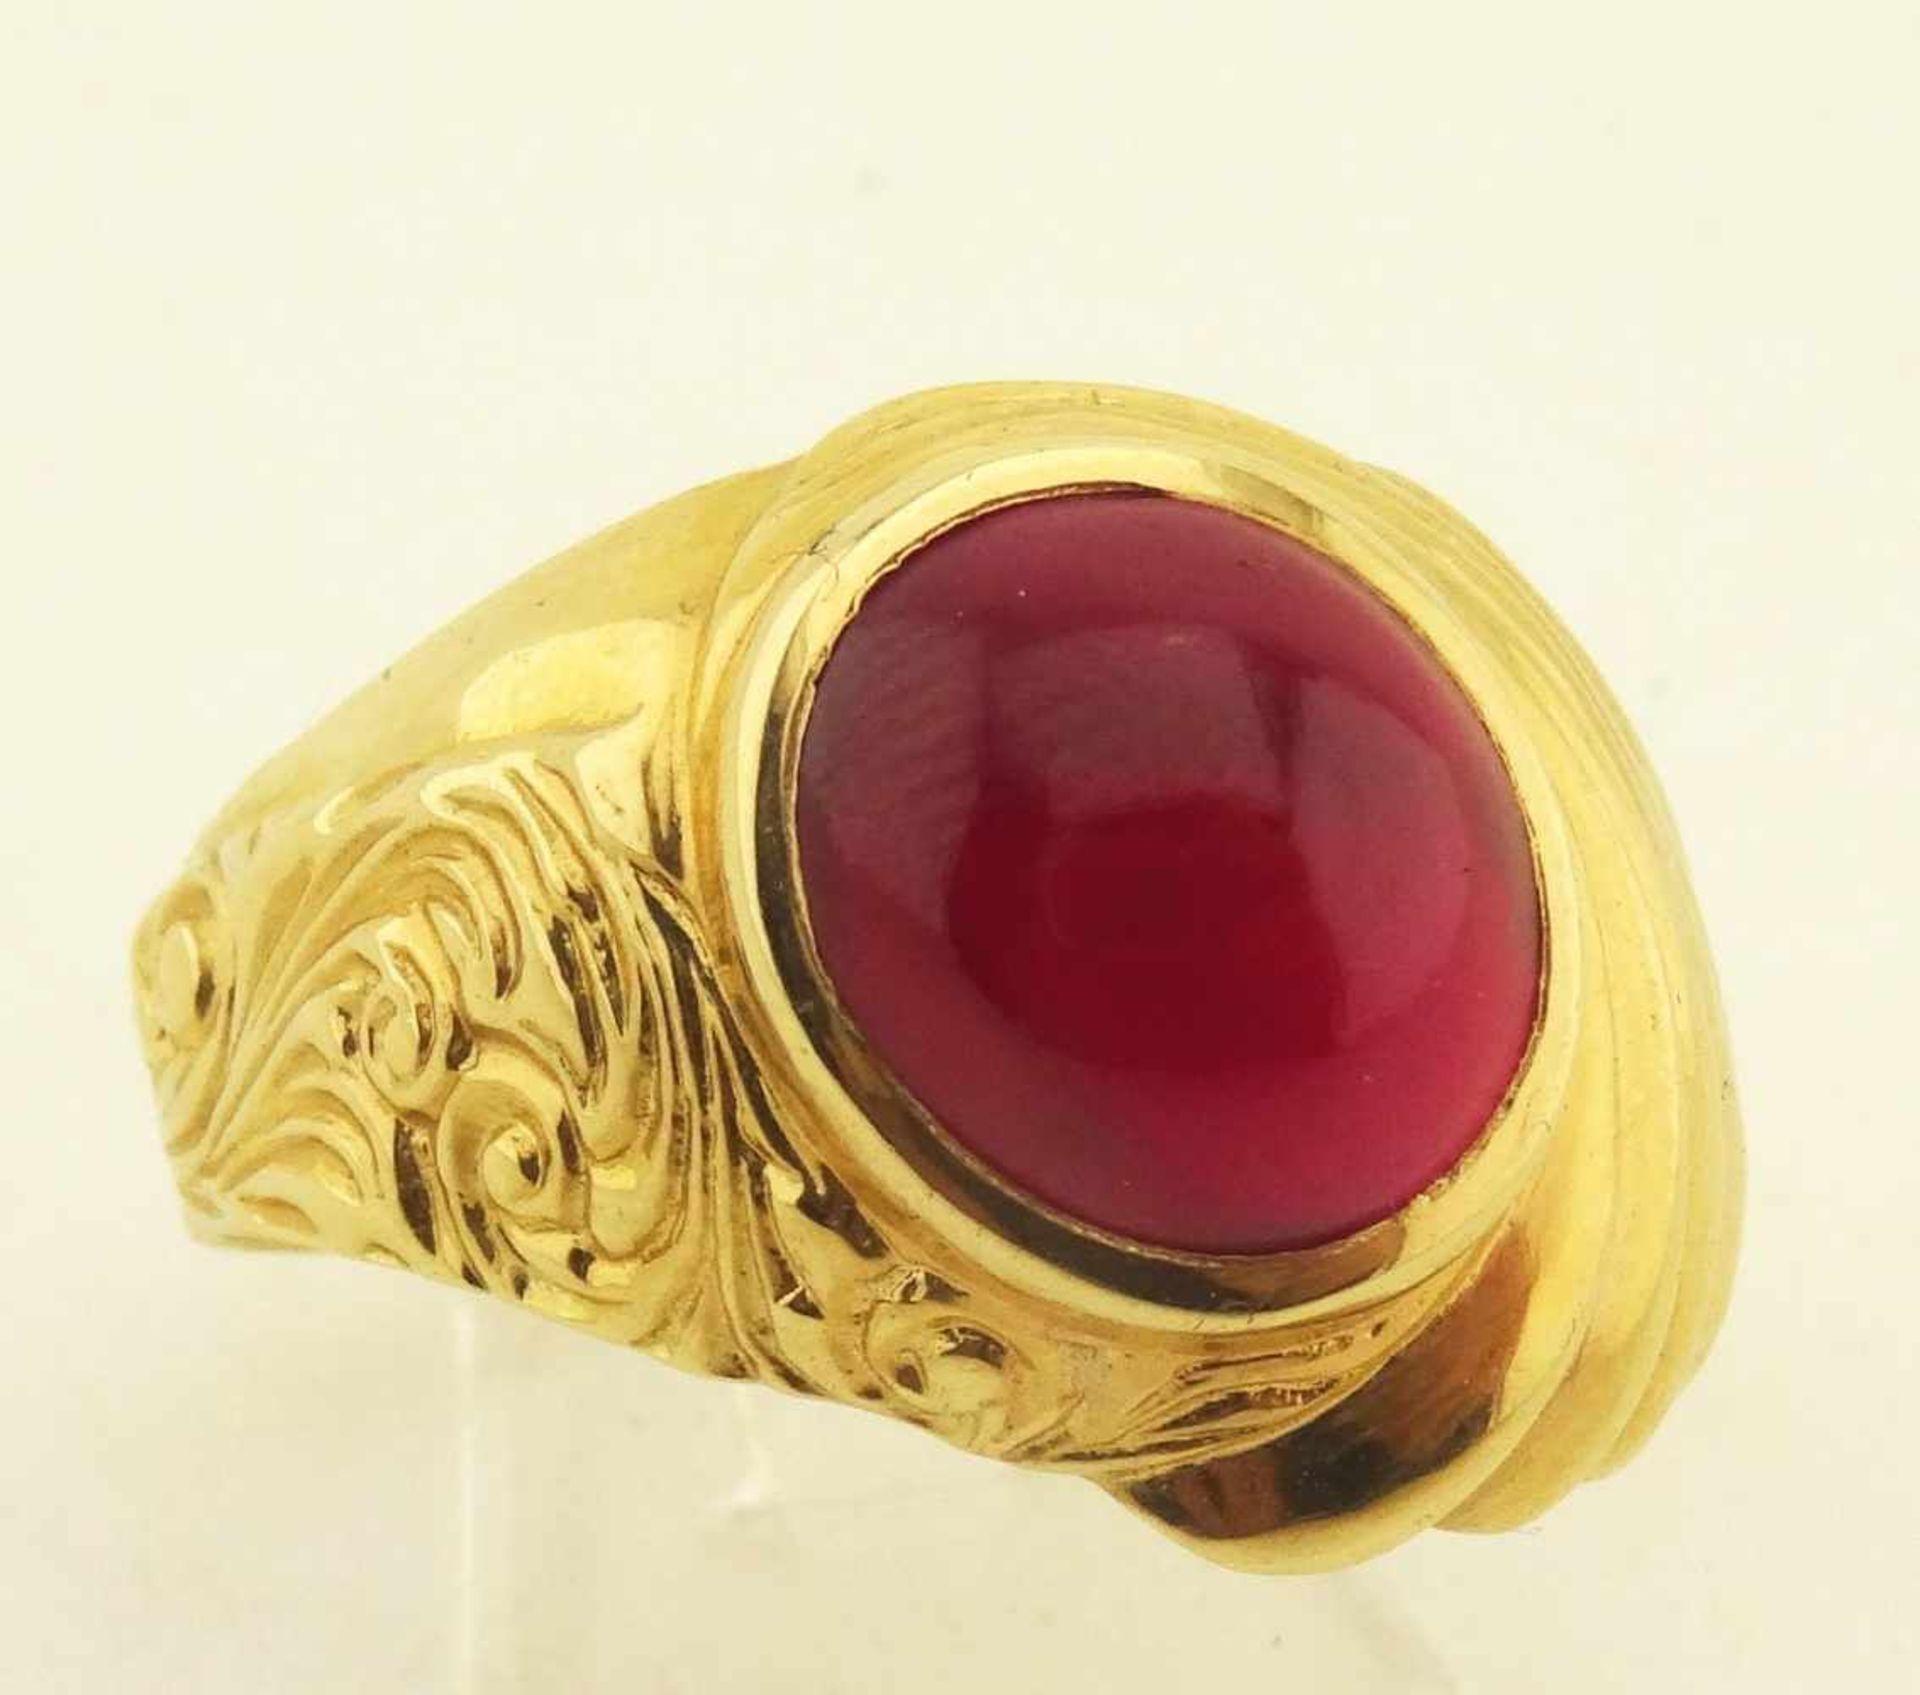 Los 59 - Herrenring mit rotem Stein 585 rose Gold mit rotem Cabouchon, RG 69, Gewicht ges. ca. 10,1g